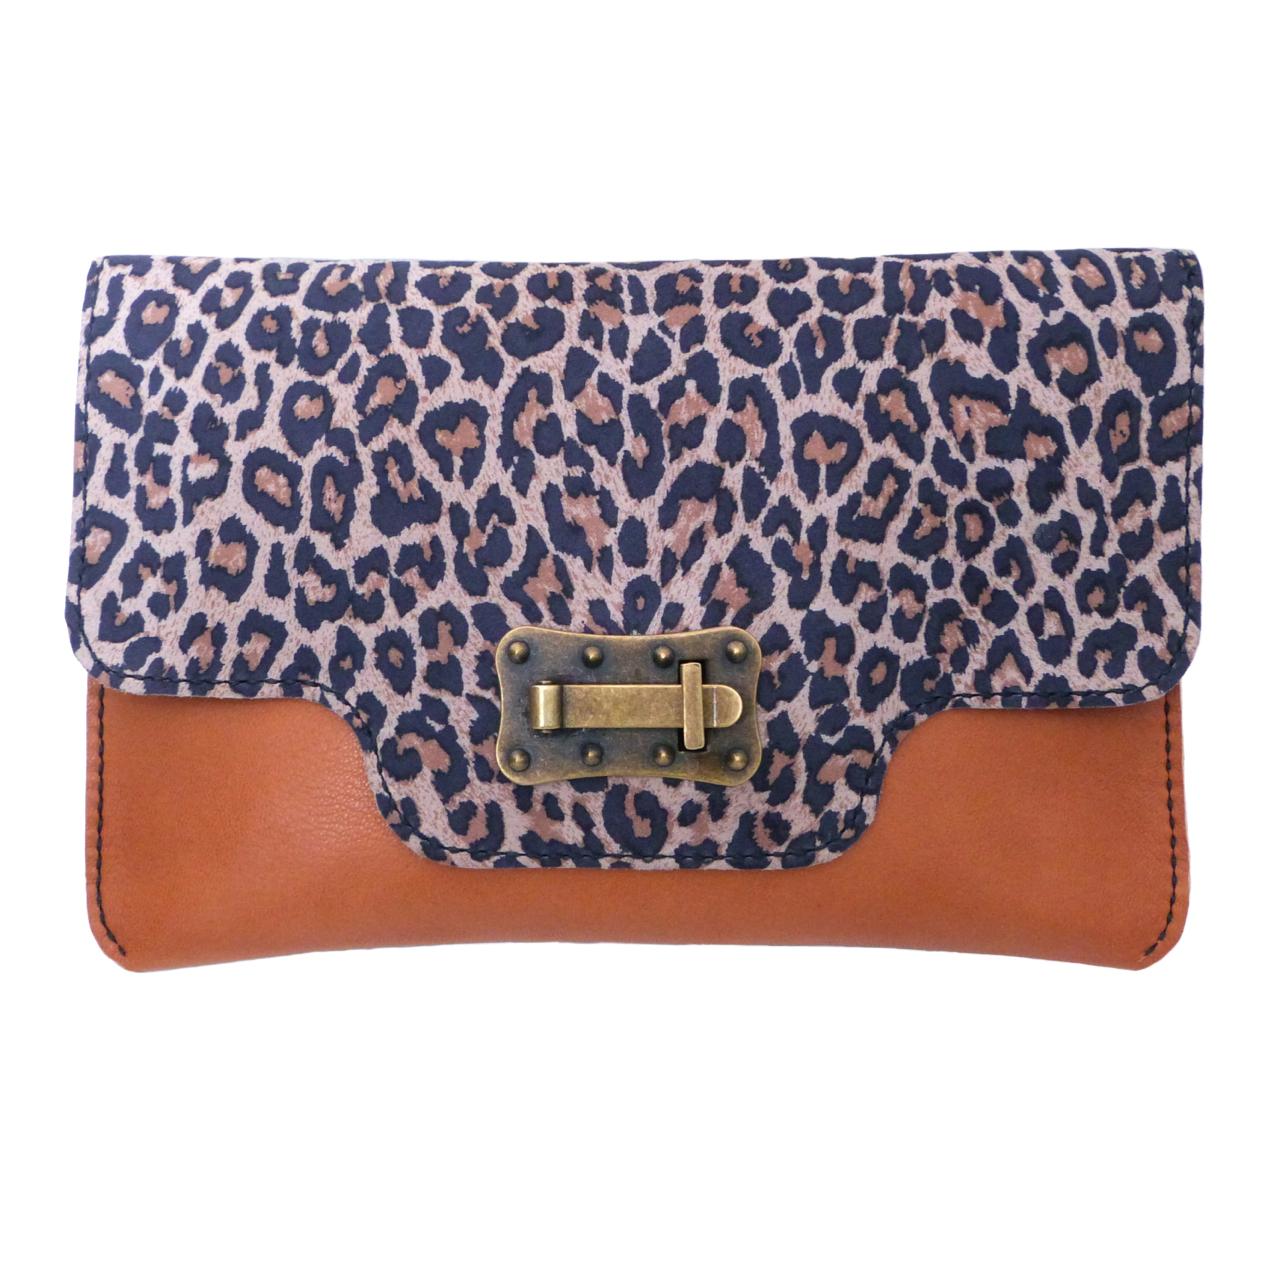 imagen del clutch mix leopardo